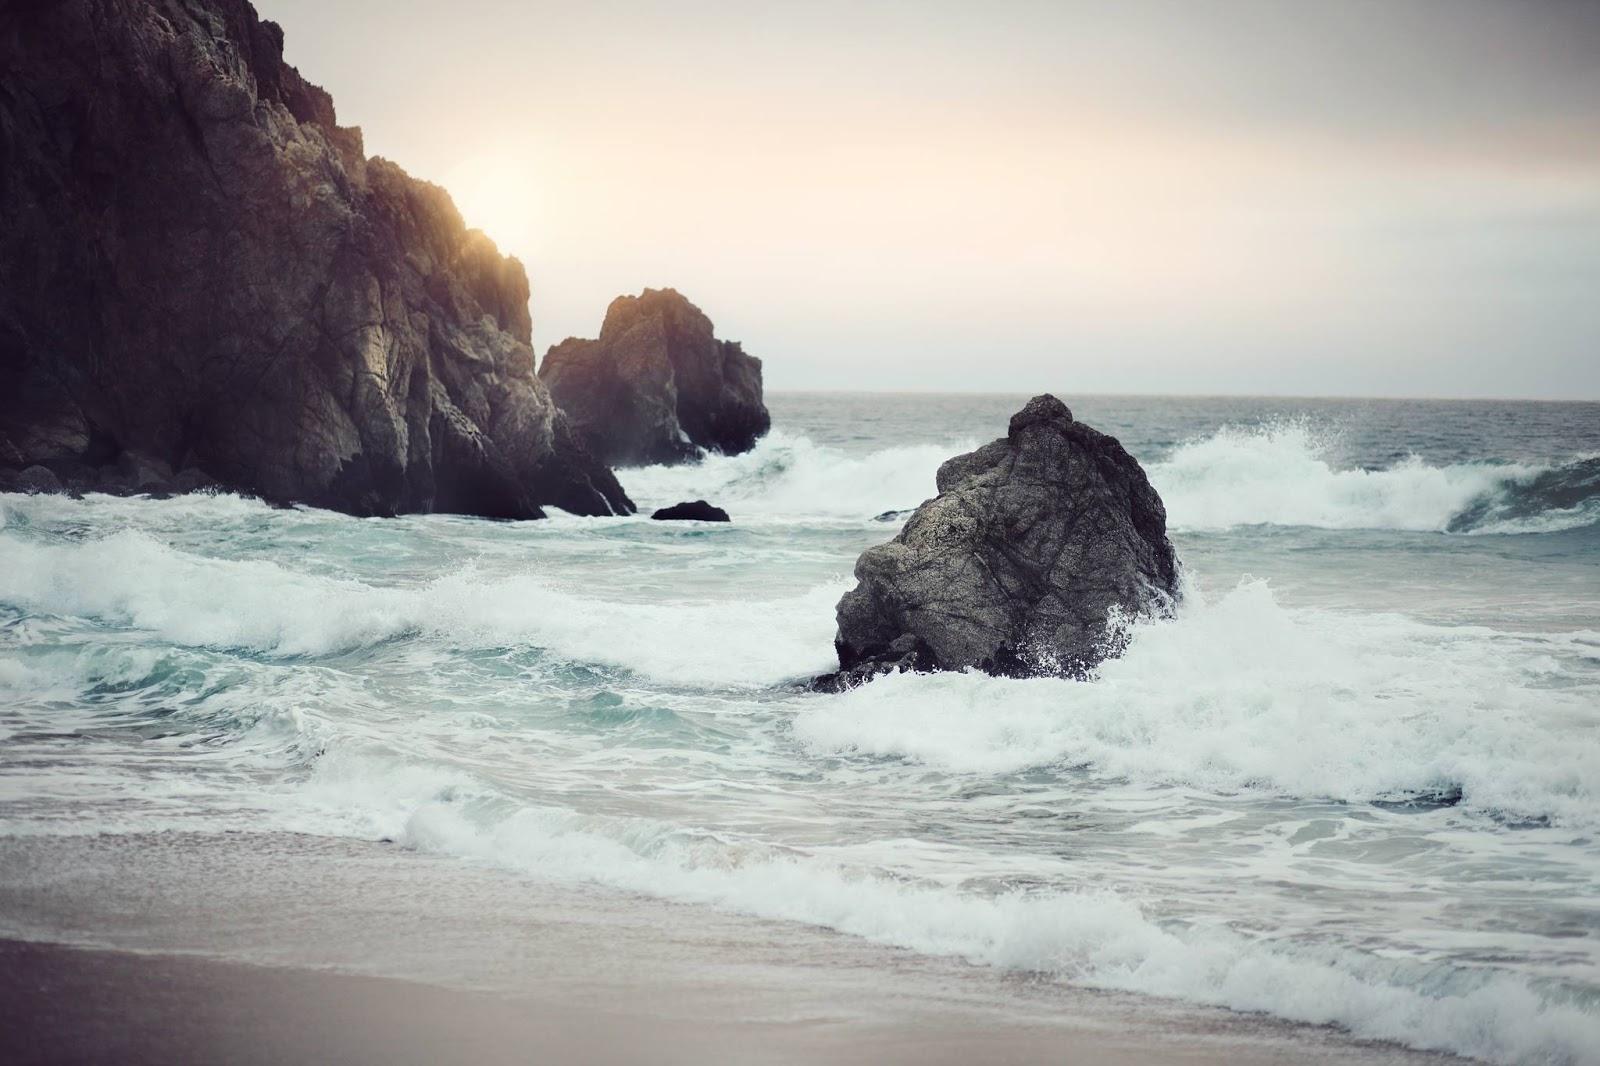 wakacje, miasto, lato, morze, jak spędzić wakacje